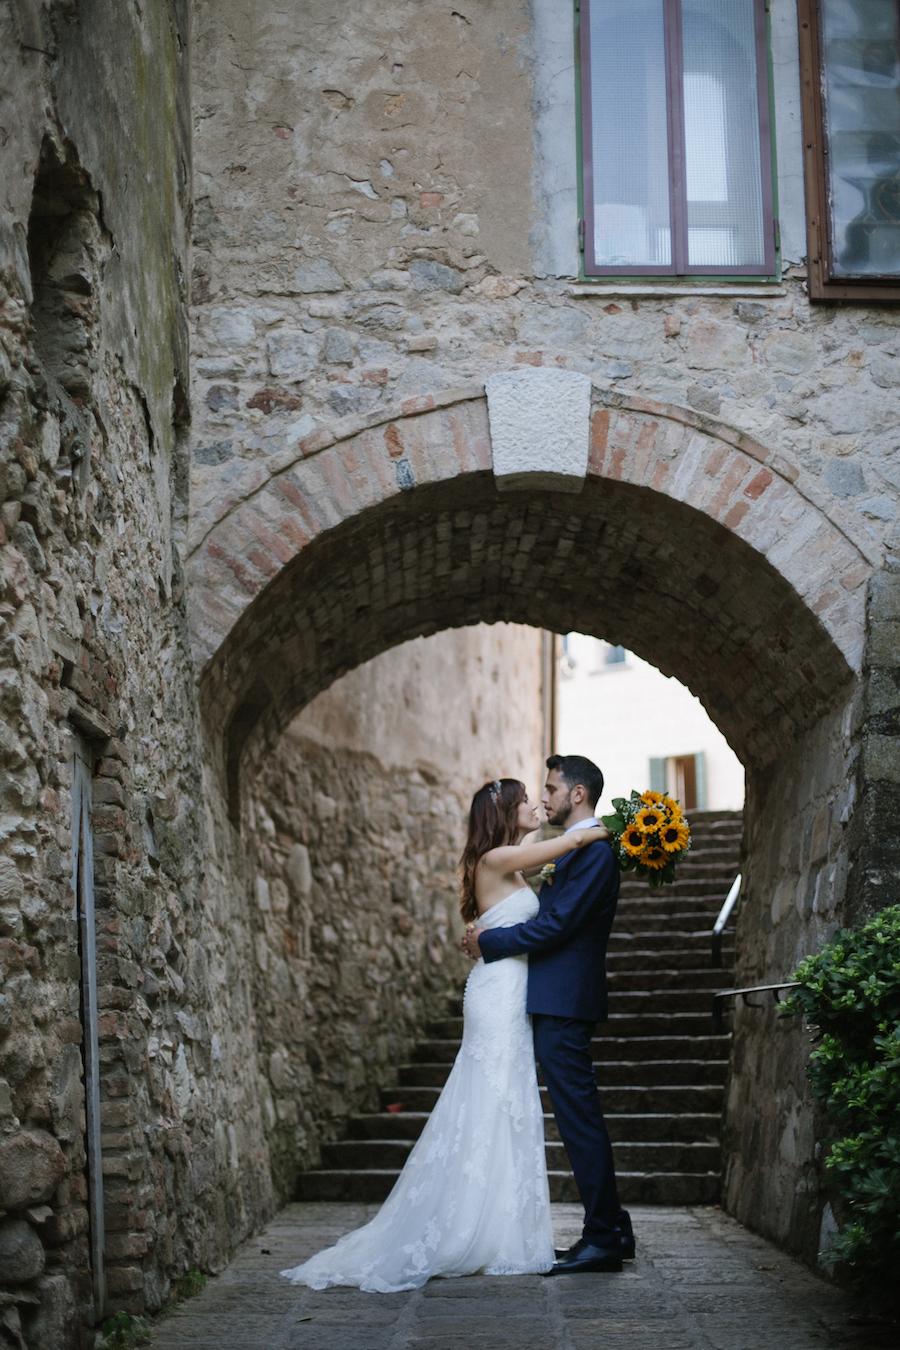 matrimonio-giallo-girasole-the-sweet-side-16